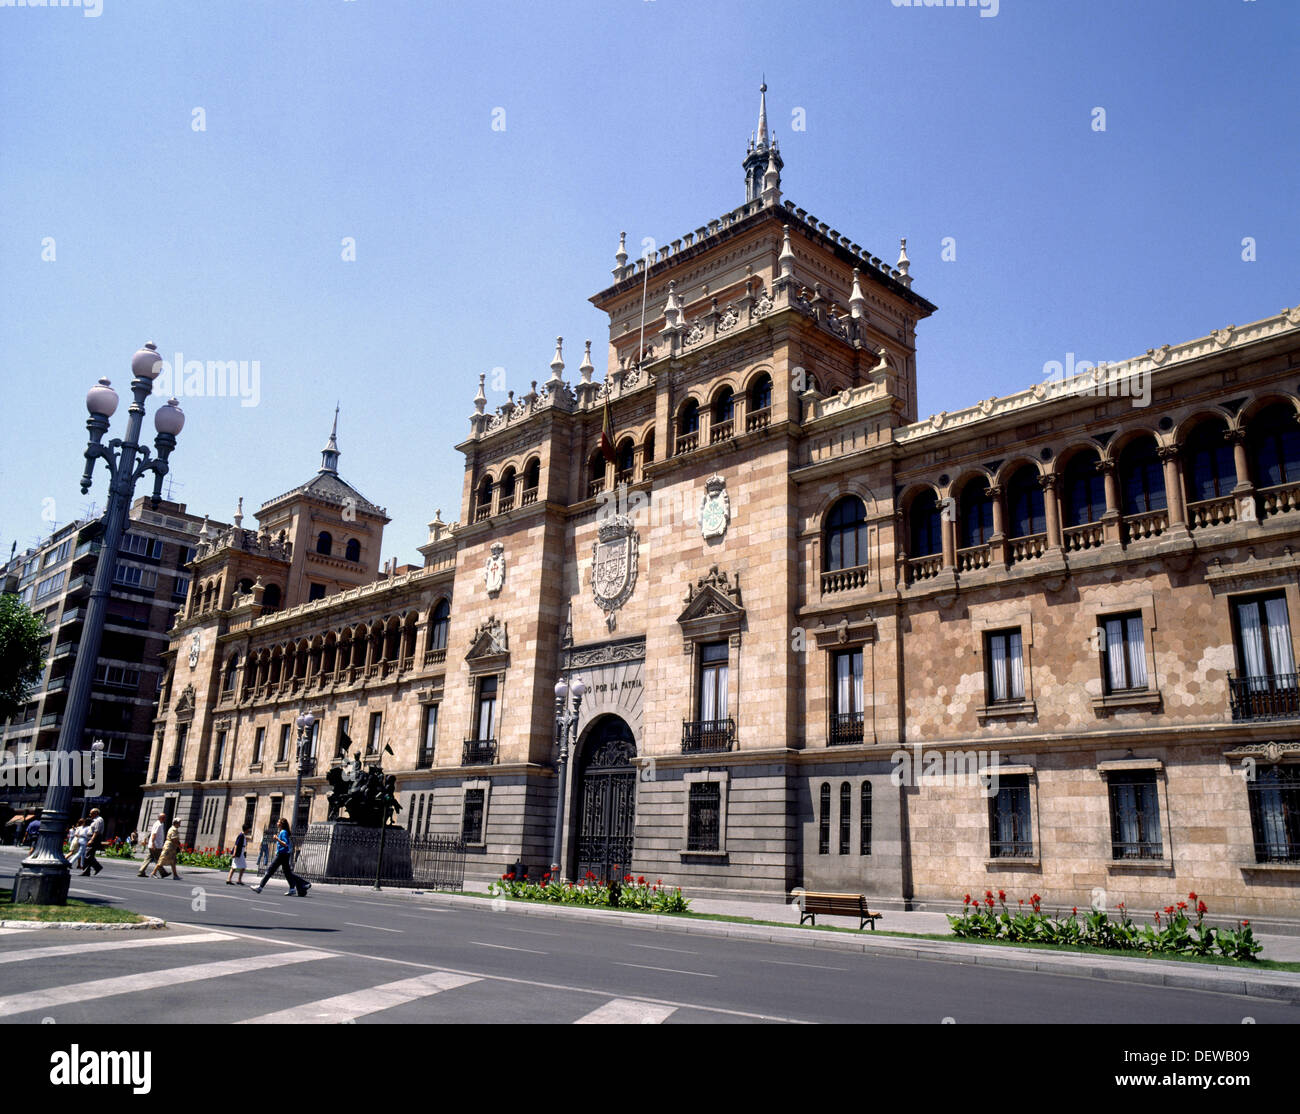 Academia de Caballería. Valladolid. Castilla-León, Spain - Stock Image